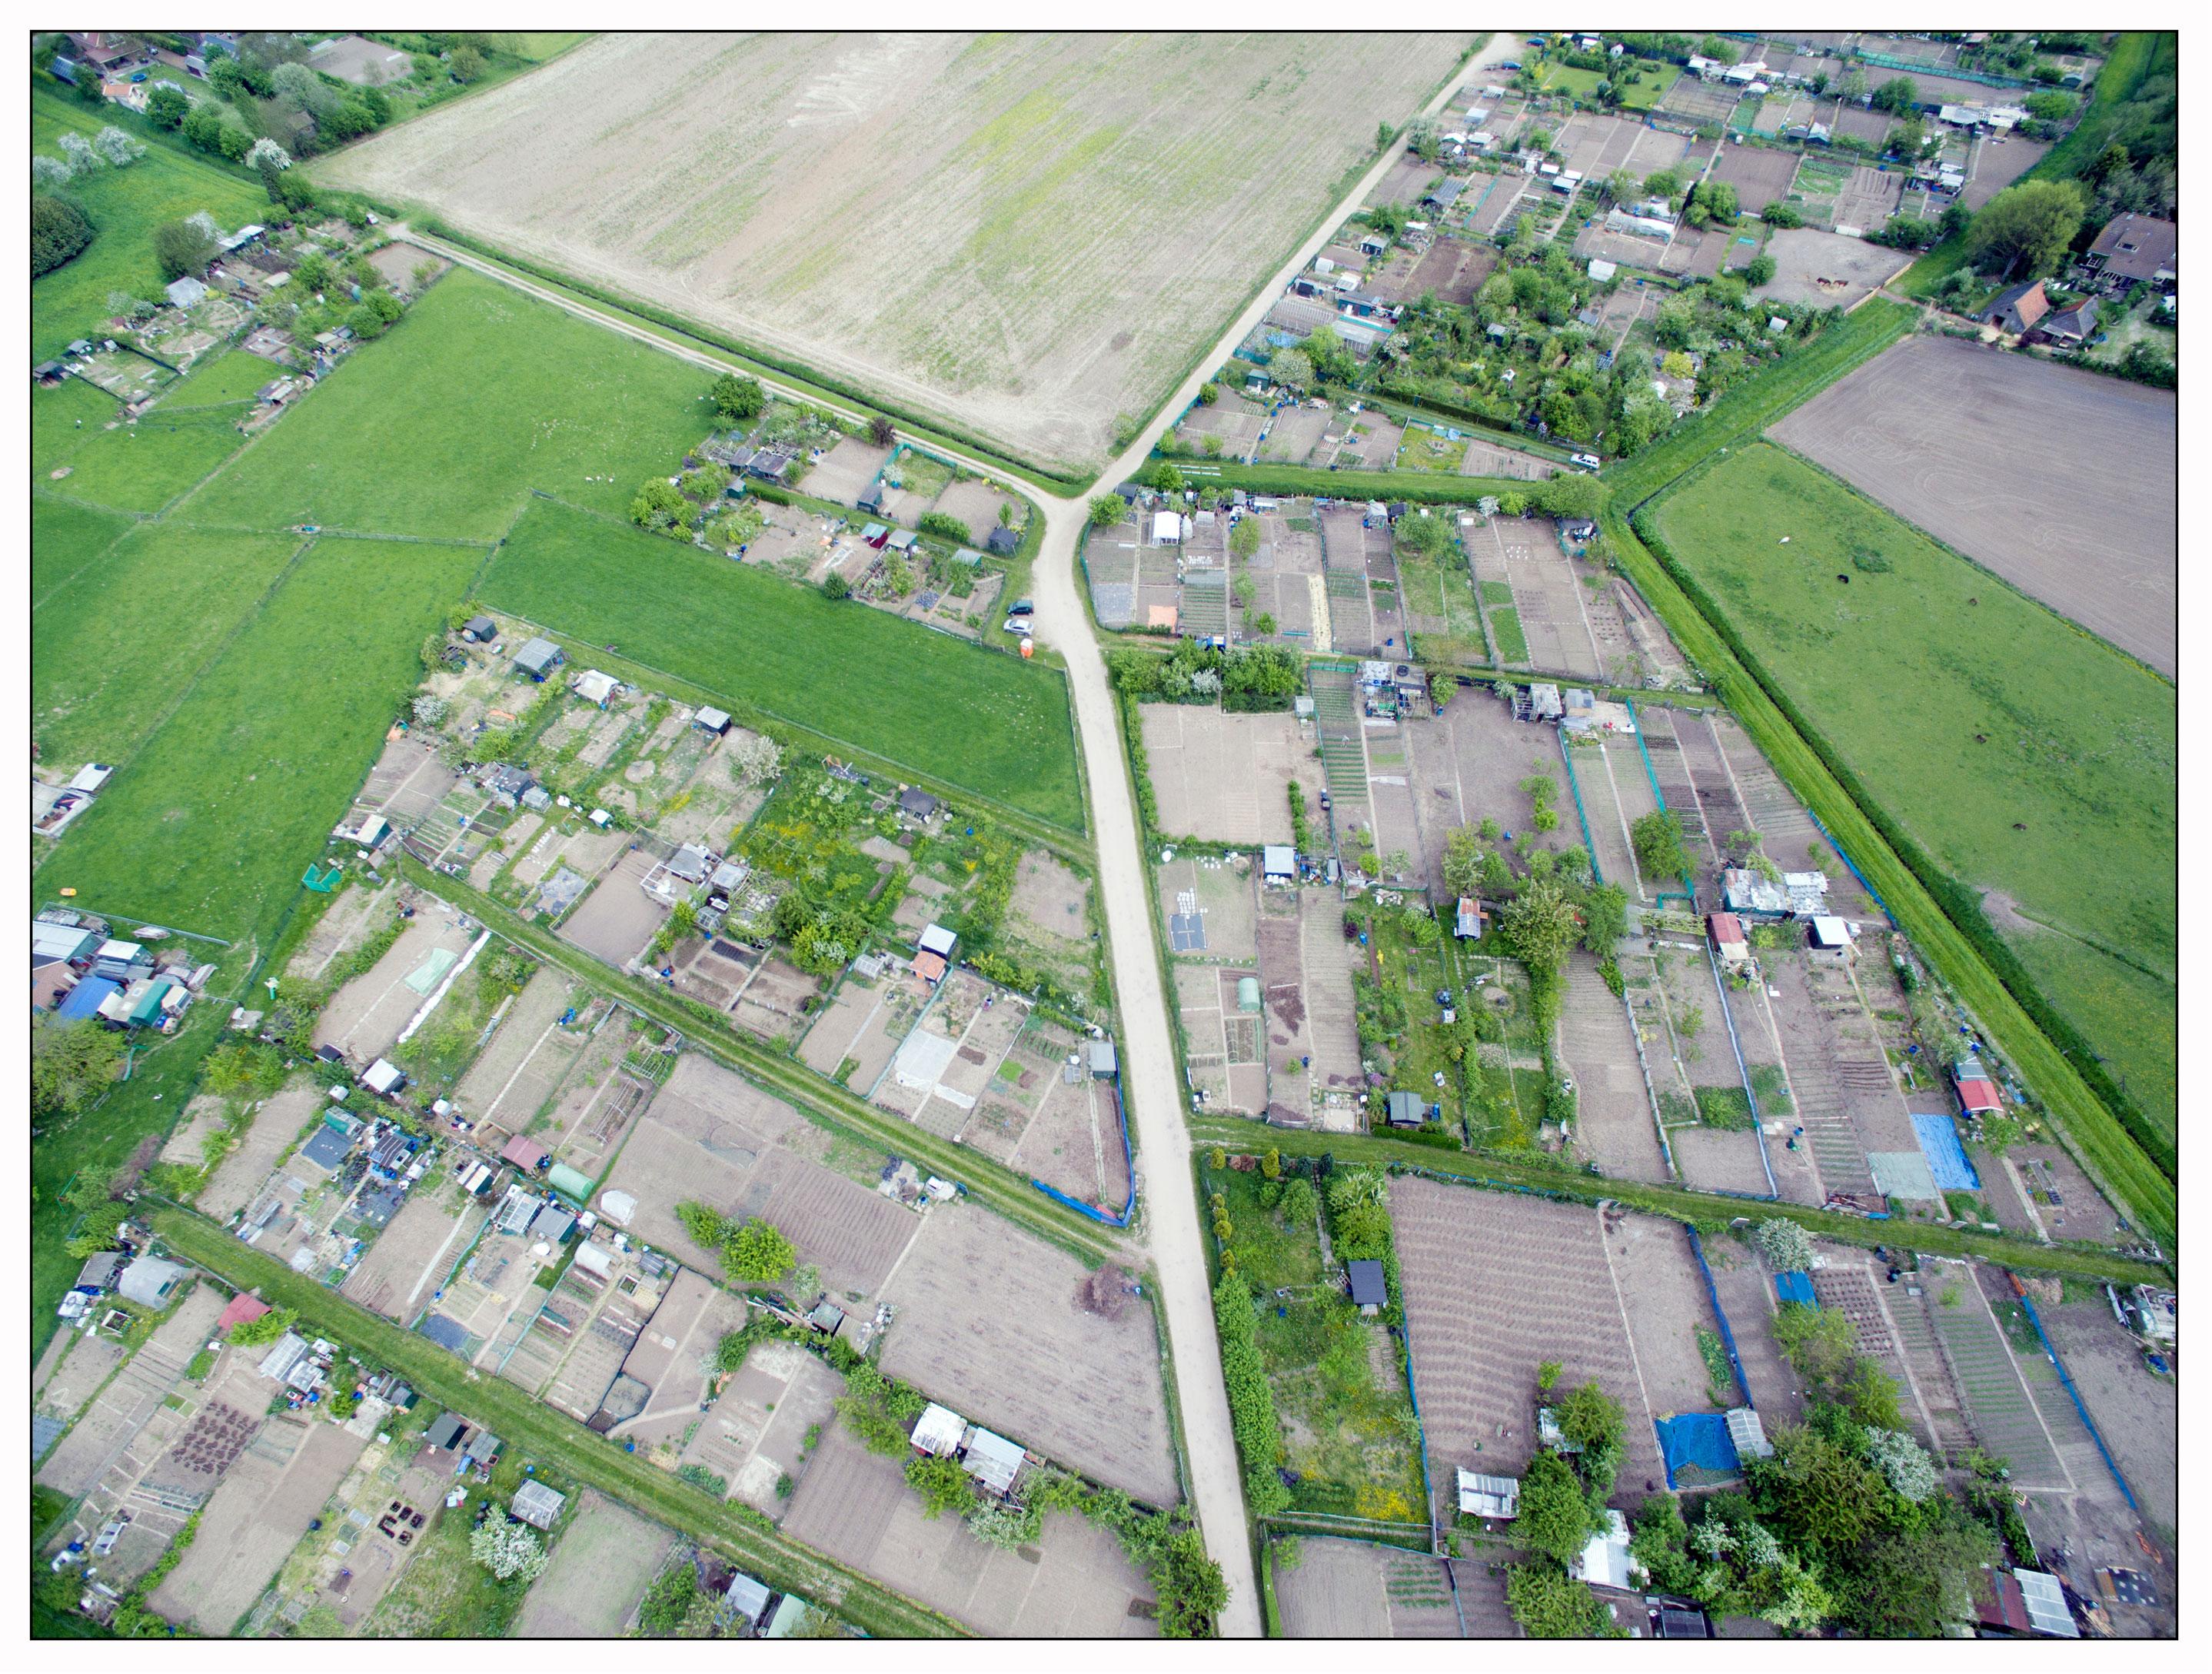 https://volkstuinenvanheemstra.nl/media/Luchtfotos/volkstuinen-in-vogelvlucht-4.jpg